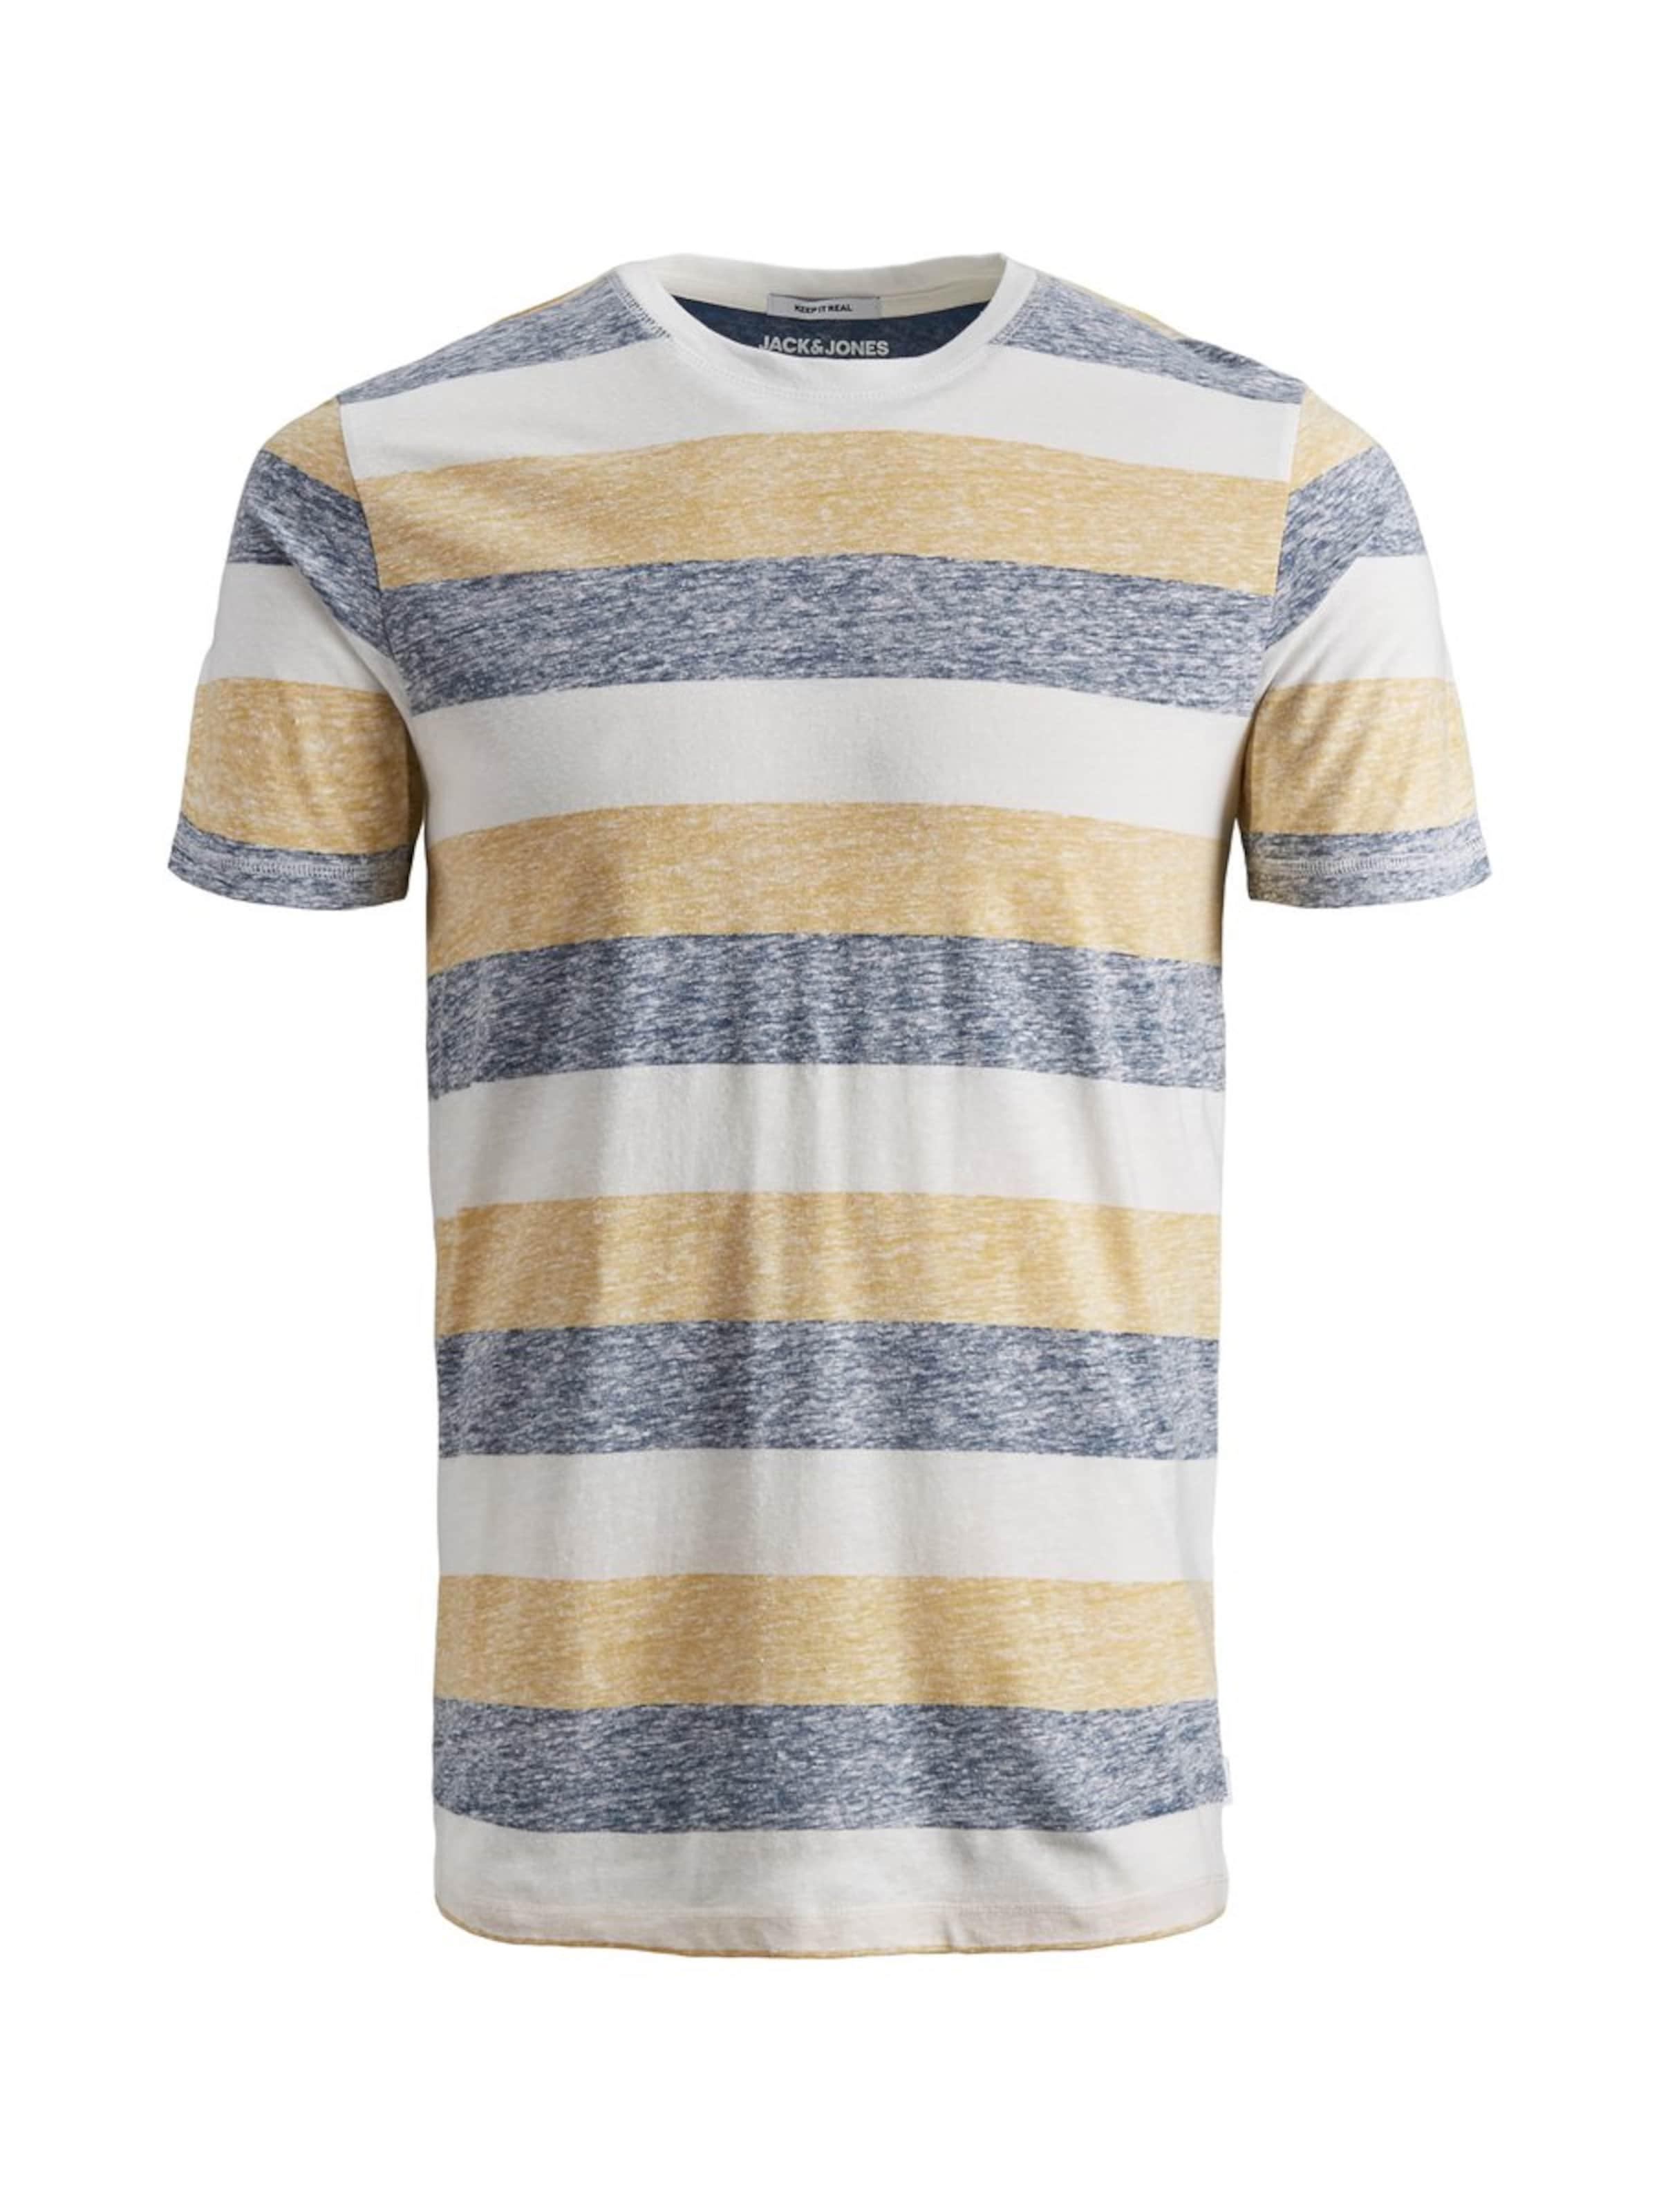 Jones Jackamp; T shirt En JauneGris nwk0OP